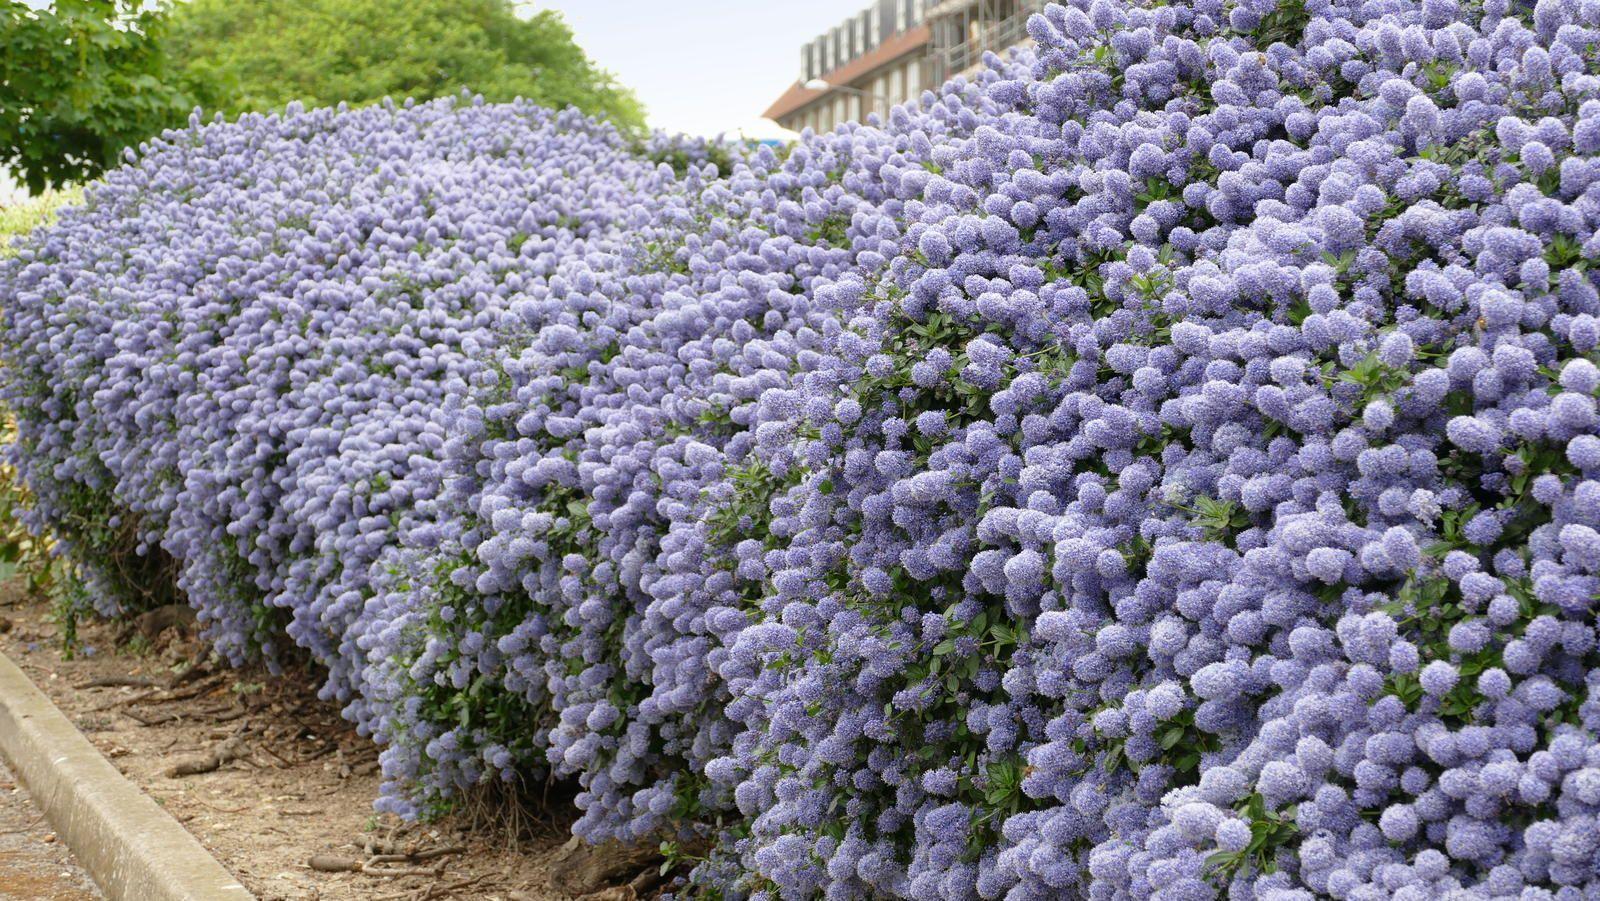 Pflanzen Als Sichtschutz Fur Garten Balkon Plantura 2020